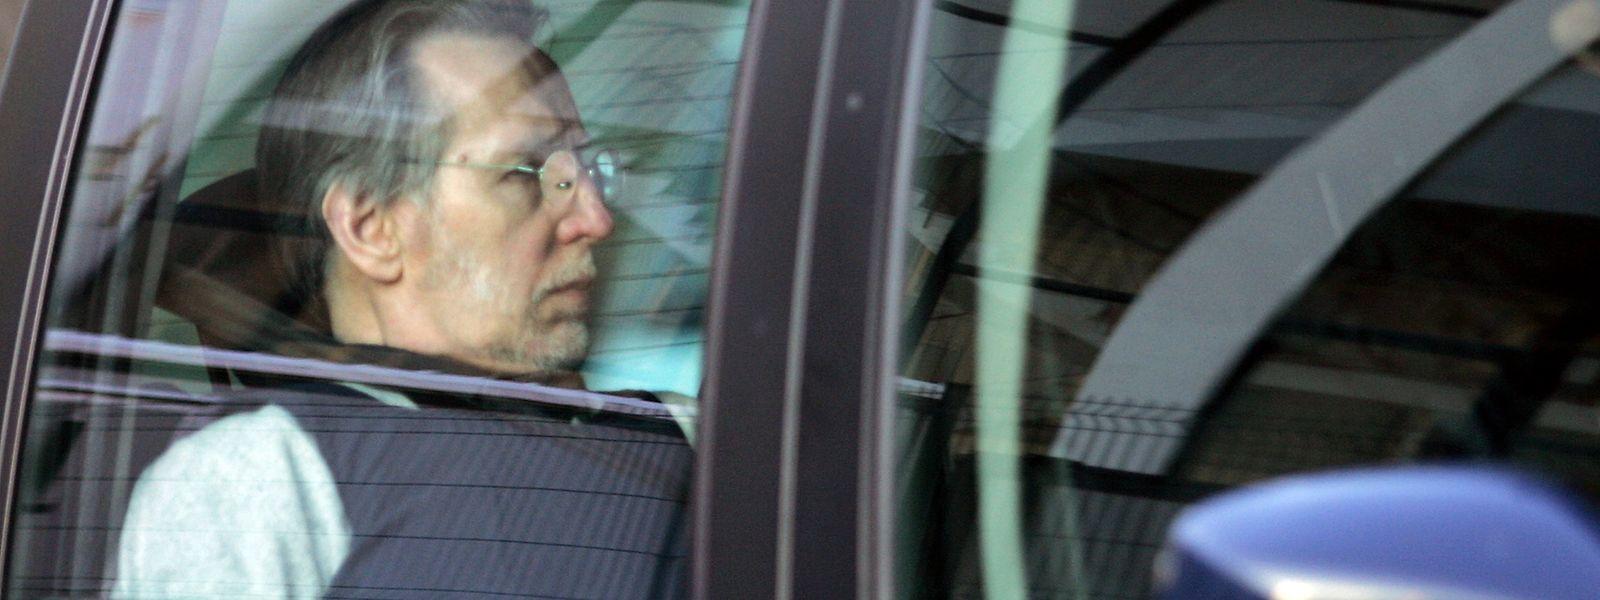 Fourniret war im Verlauf des zweimonatigen Prozesses im Jahr 2008 durch Gefühllosigkeit aufgefallen.